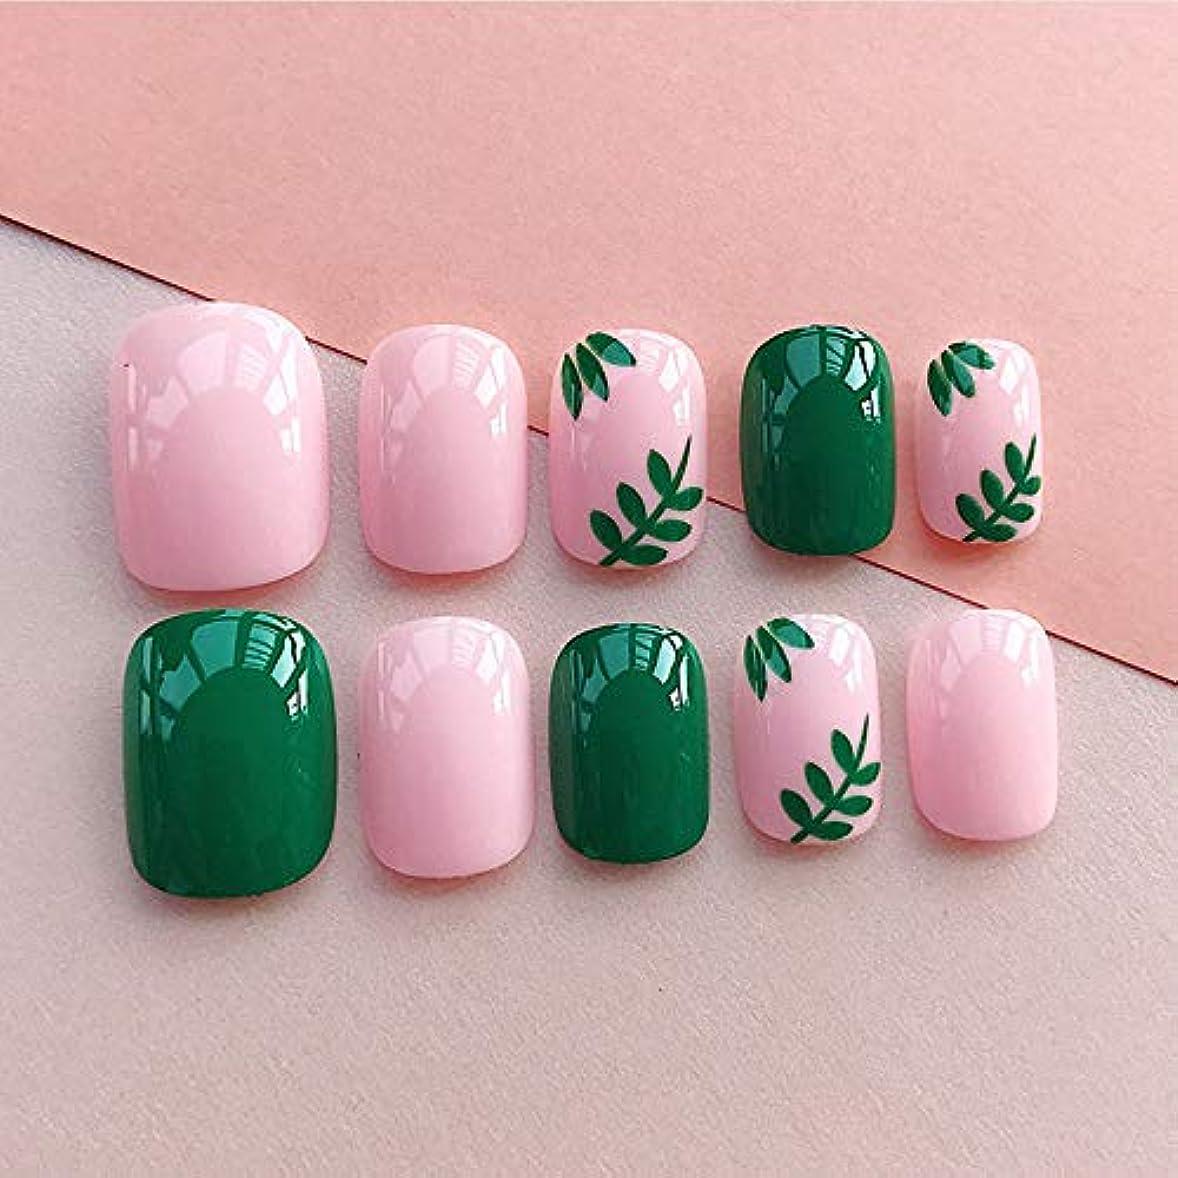 プロペラレイプ敏感なネイルチップ 夏の 無地 ピンク 緑の葉 優雅 短い 四角形 フルカバー 24枚 12別サイズ つ